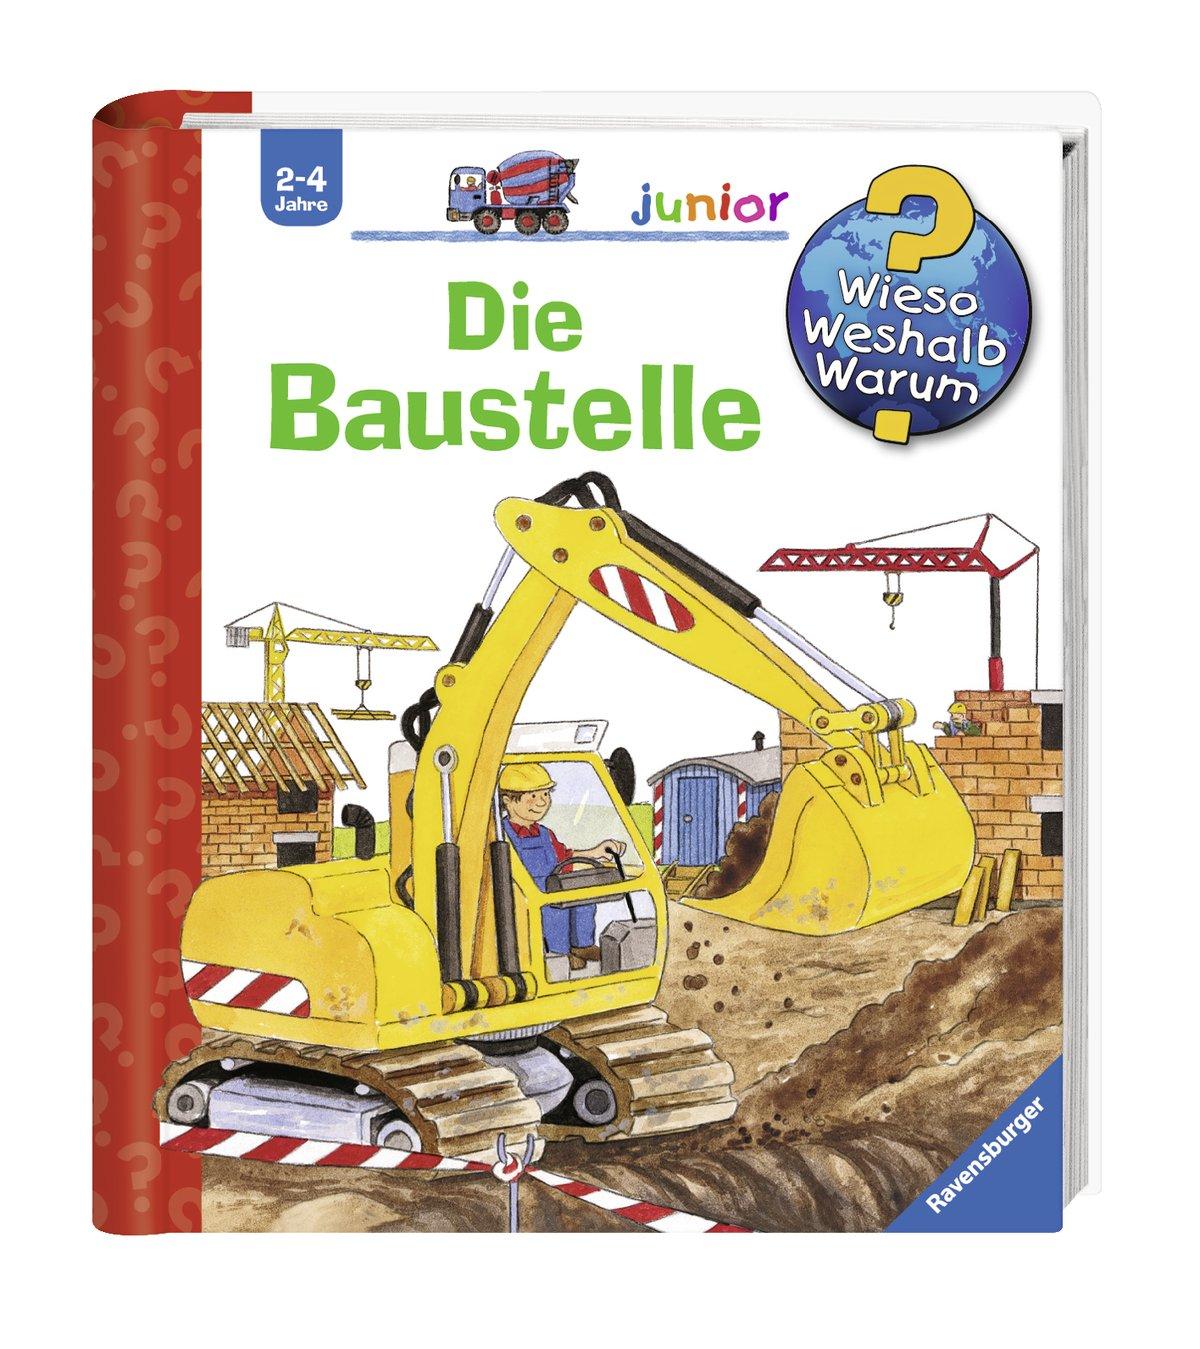 Baustelle zeichnung  Die Baustelle (Wieso? Weshalb? Warum? junior, Band 7): Amazon.de ...